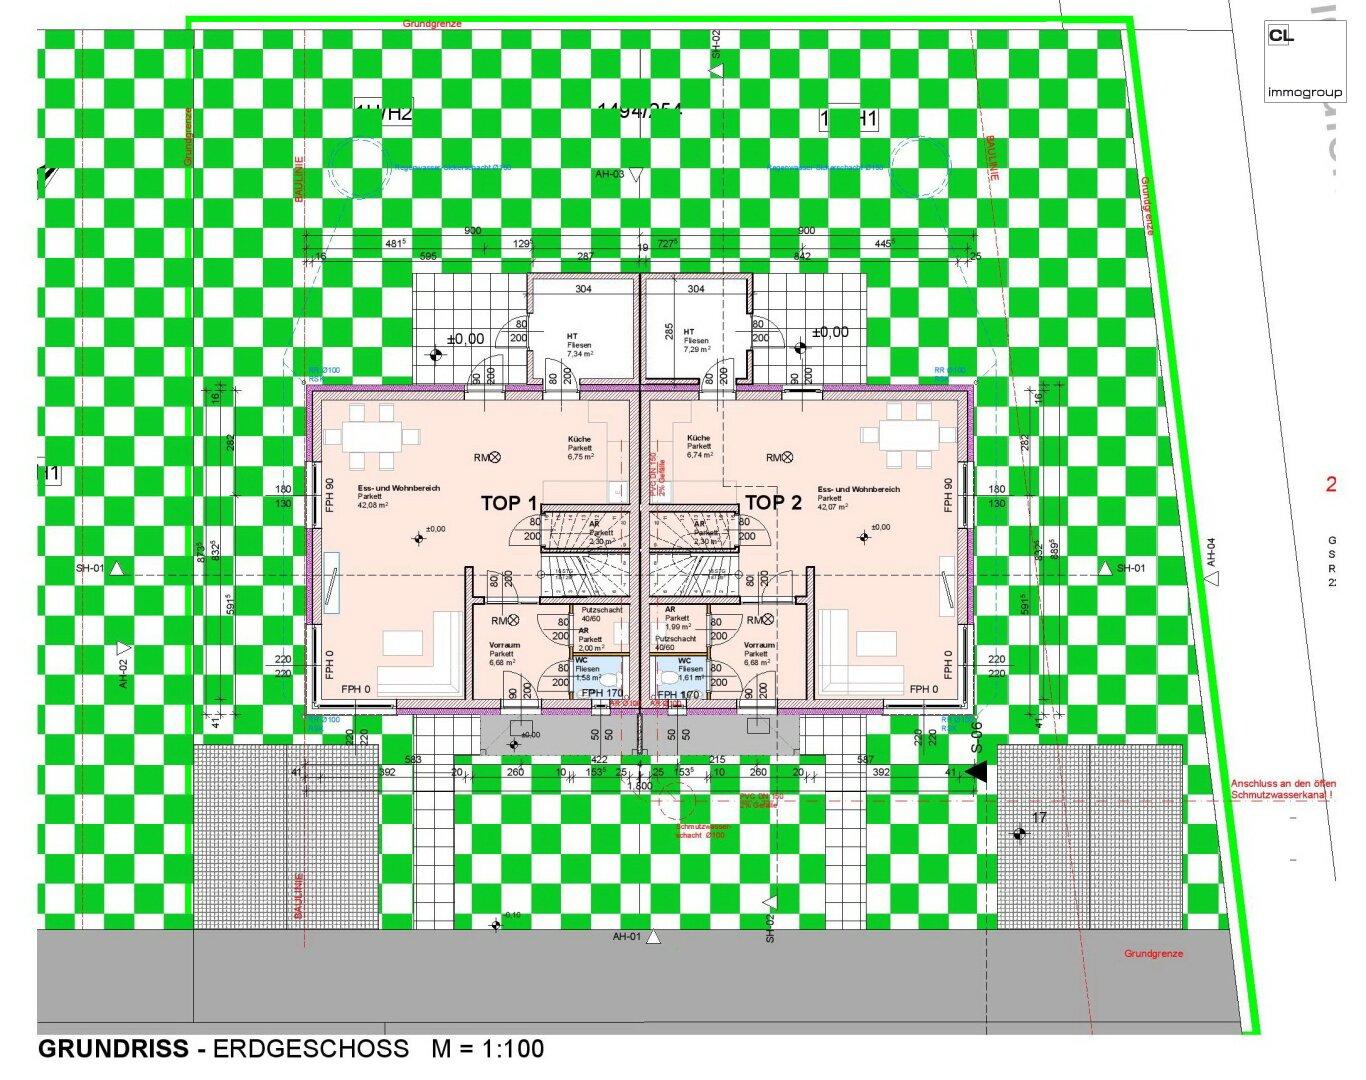 Grundriss Erdgeschoss Doppelhaushälfte